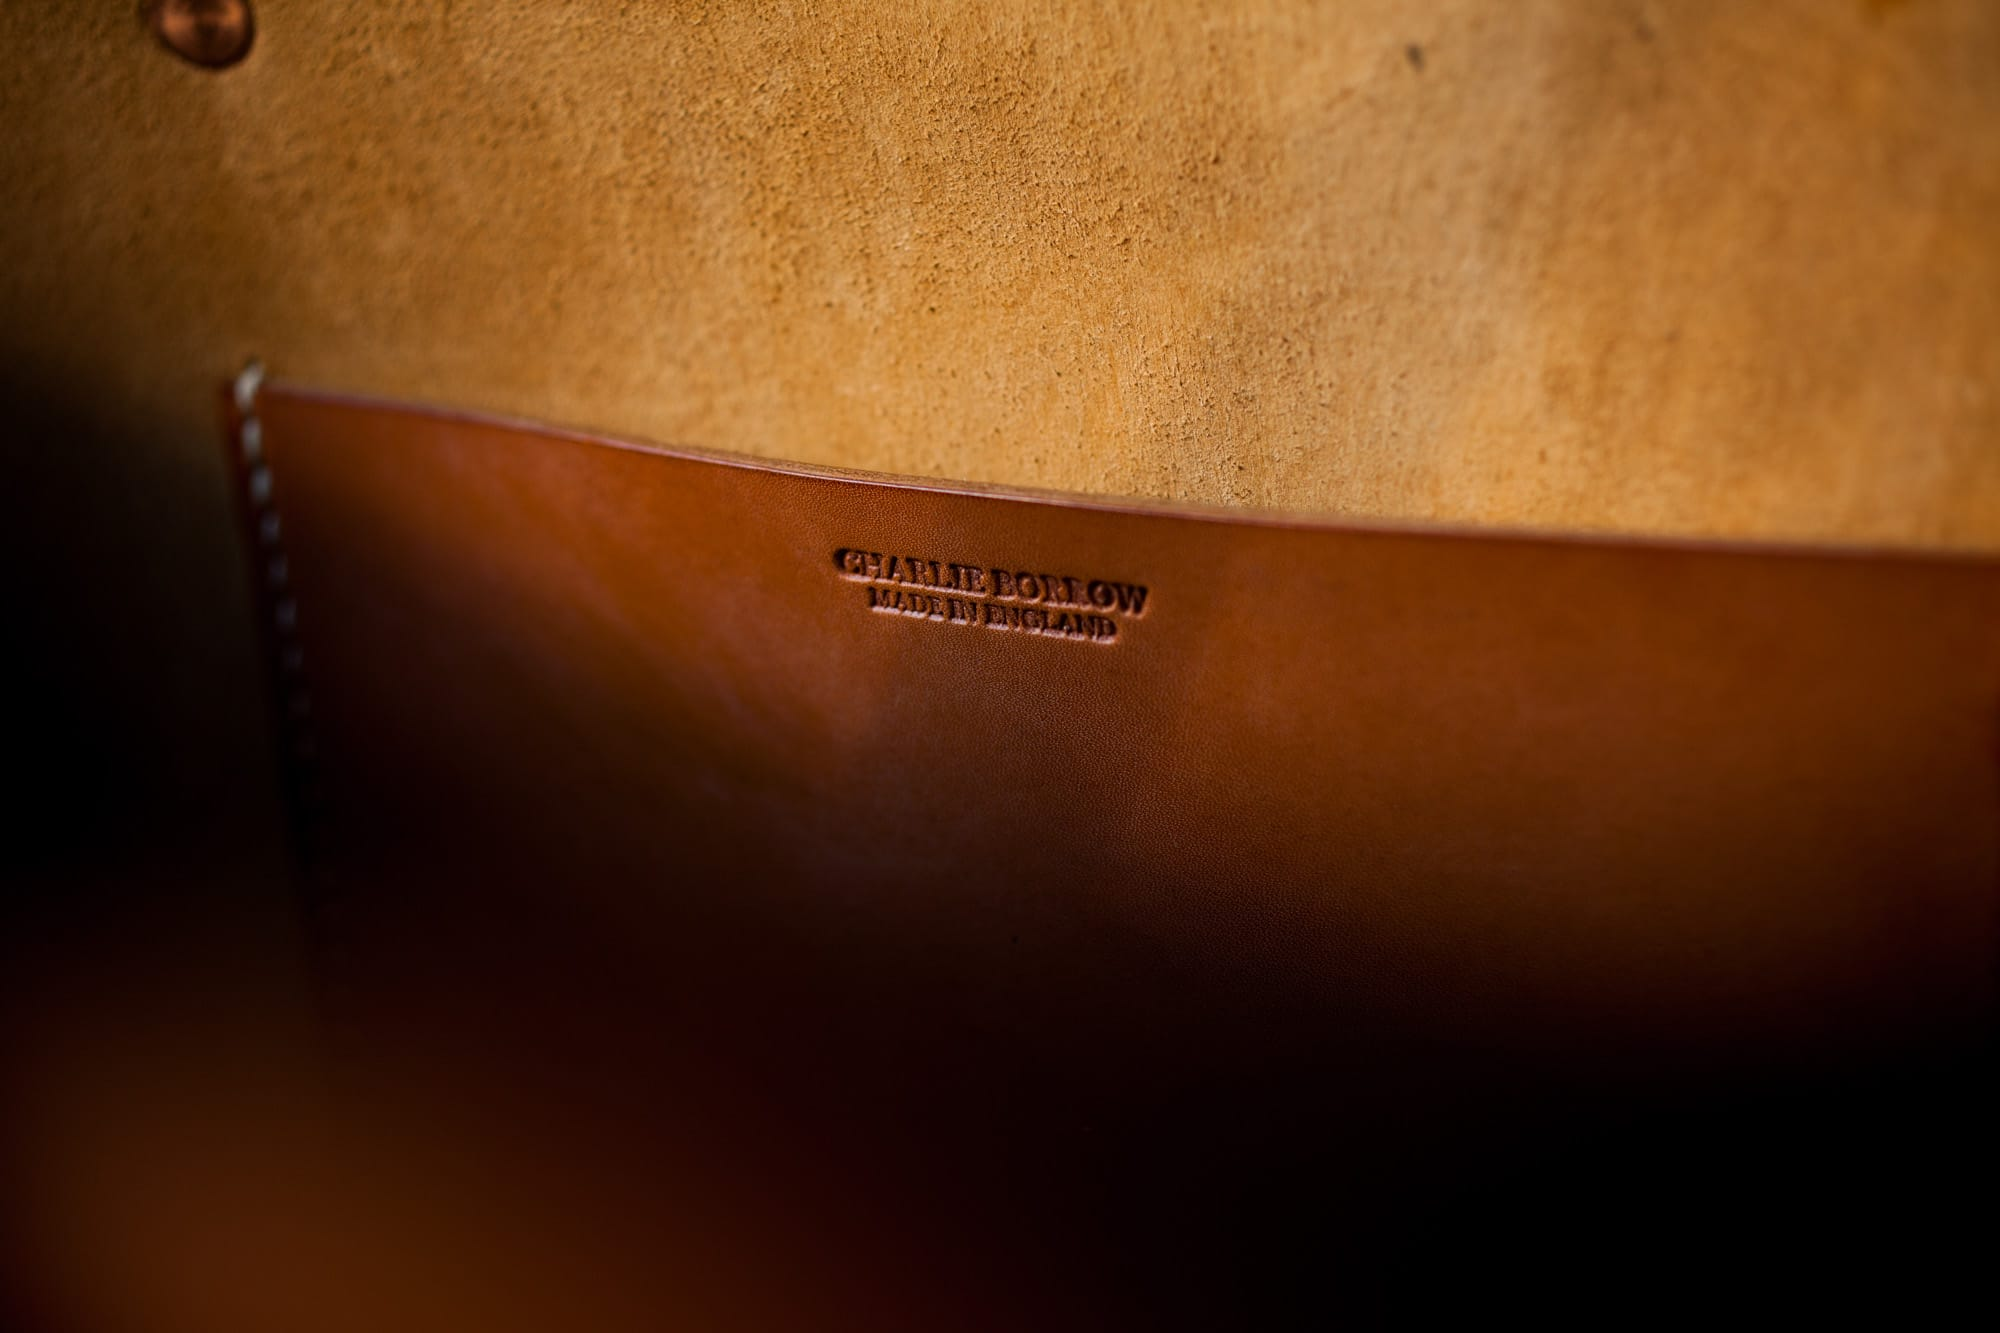 SLOW&STEADYの頼れる新星、英国の鞄メーカー CHARLIE BORROW のご紹介